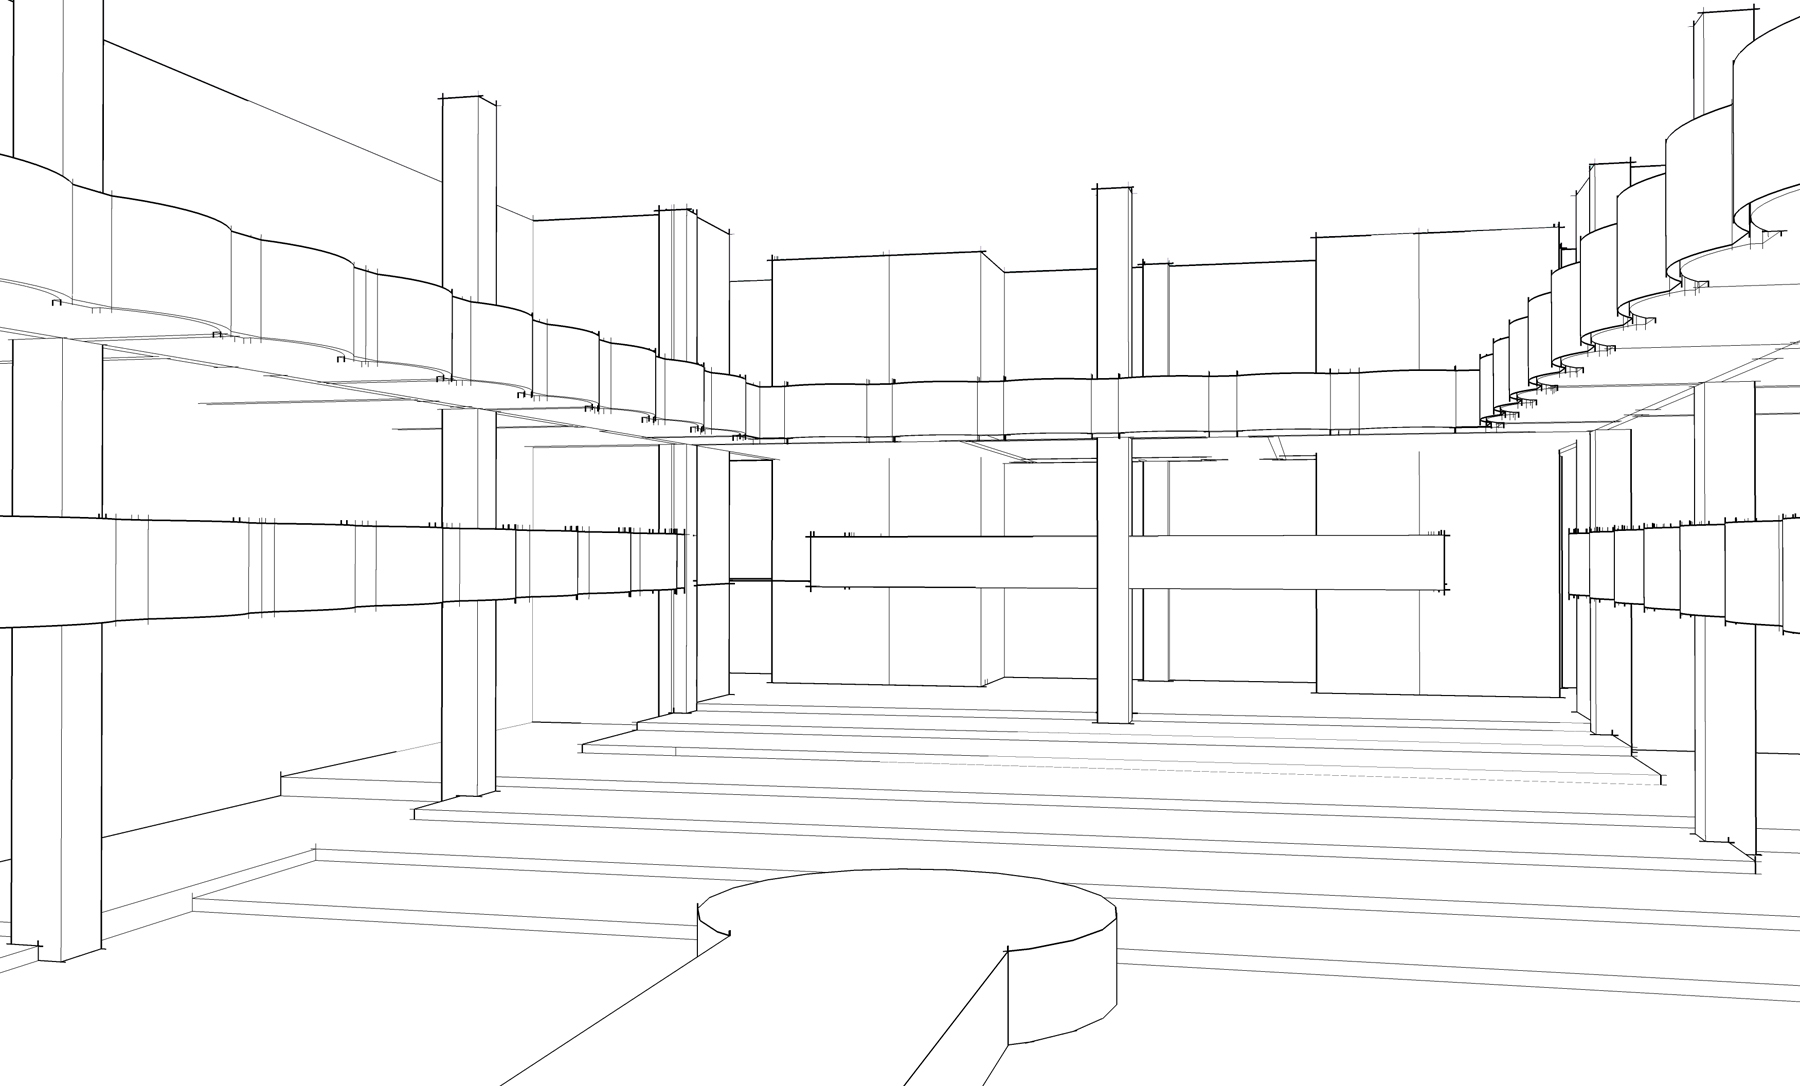 手绘局部欧式构件及造型,侧立面图